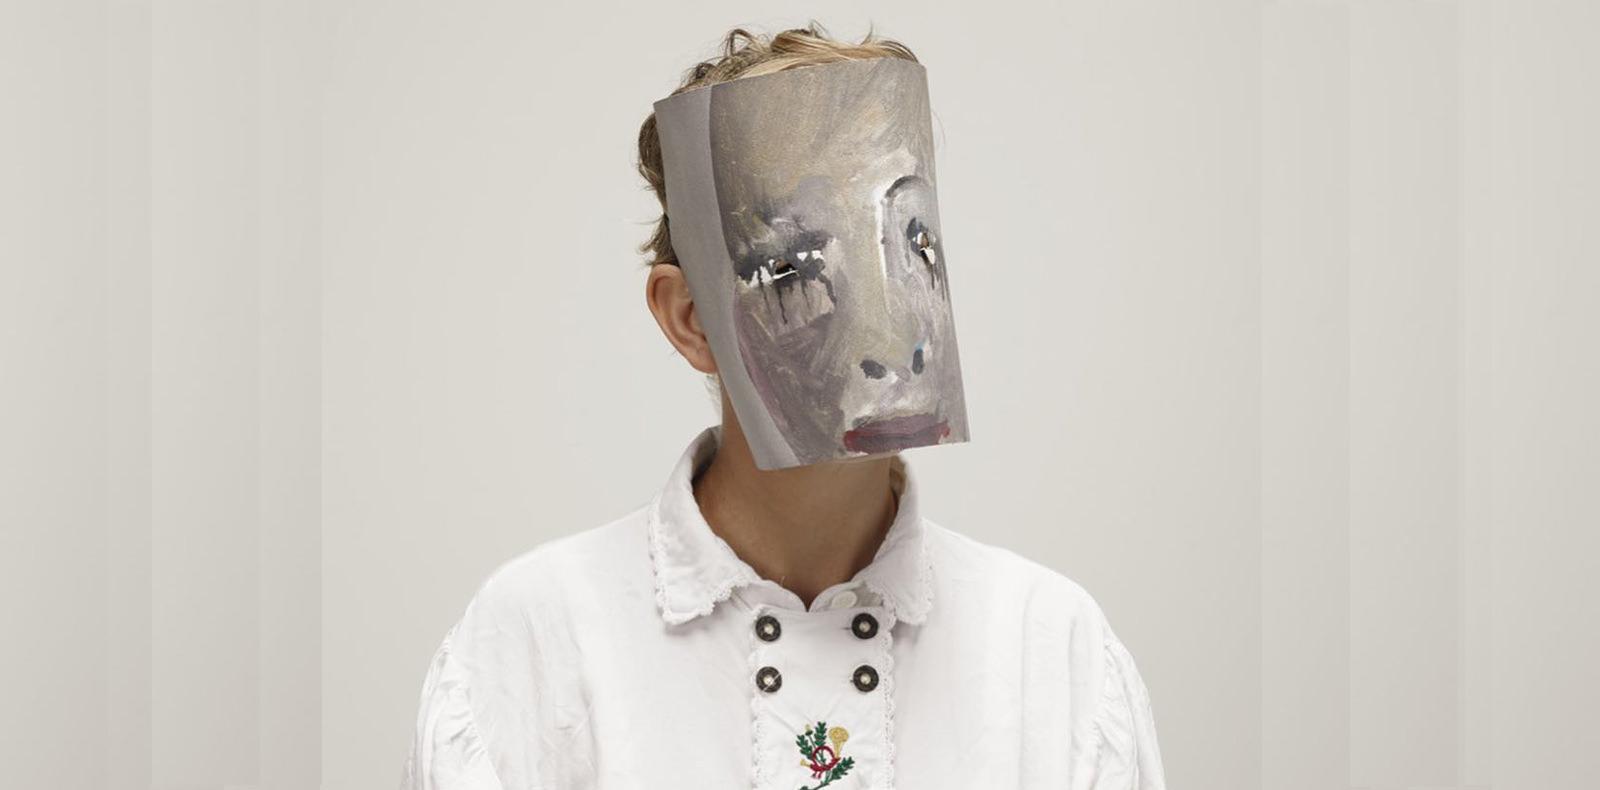 Quel artiste représentera la France à la prochaine Biennale de Venise ?